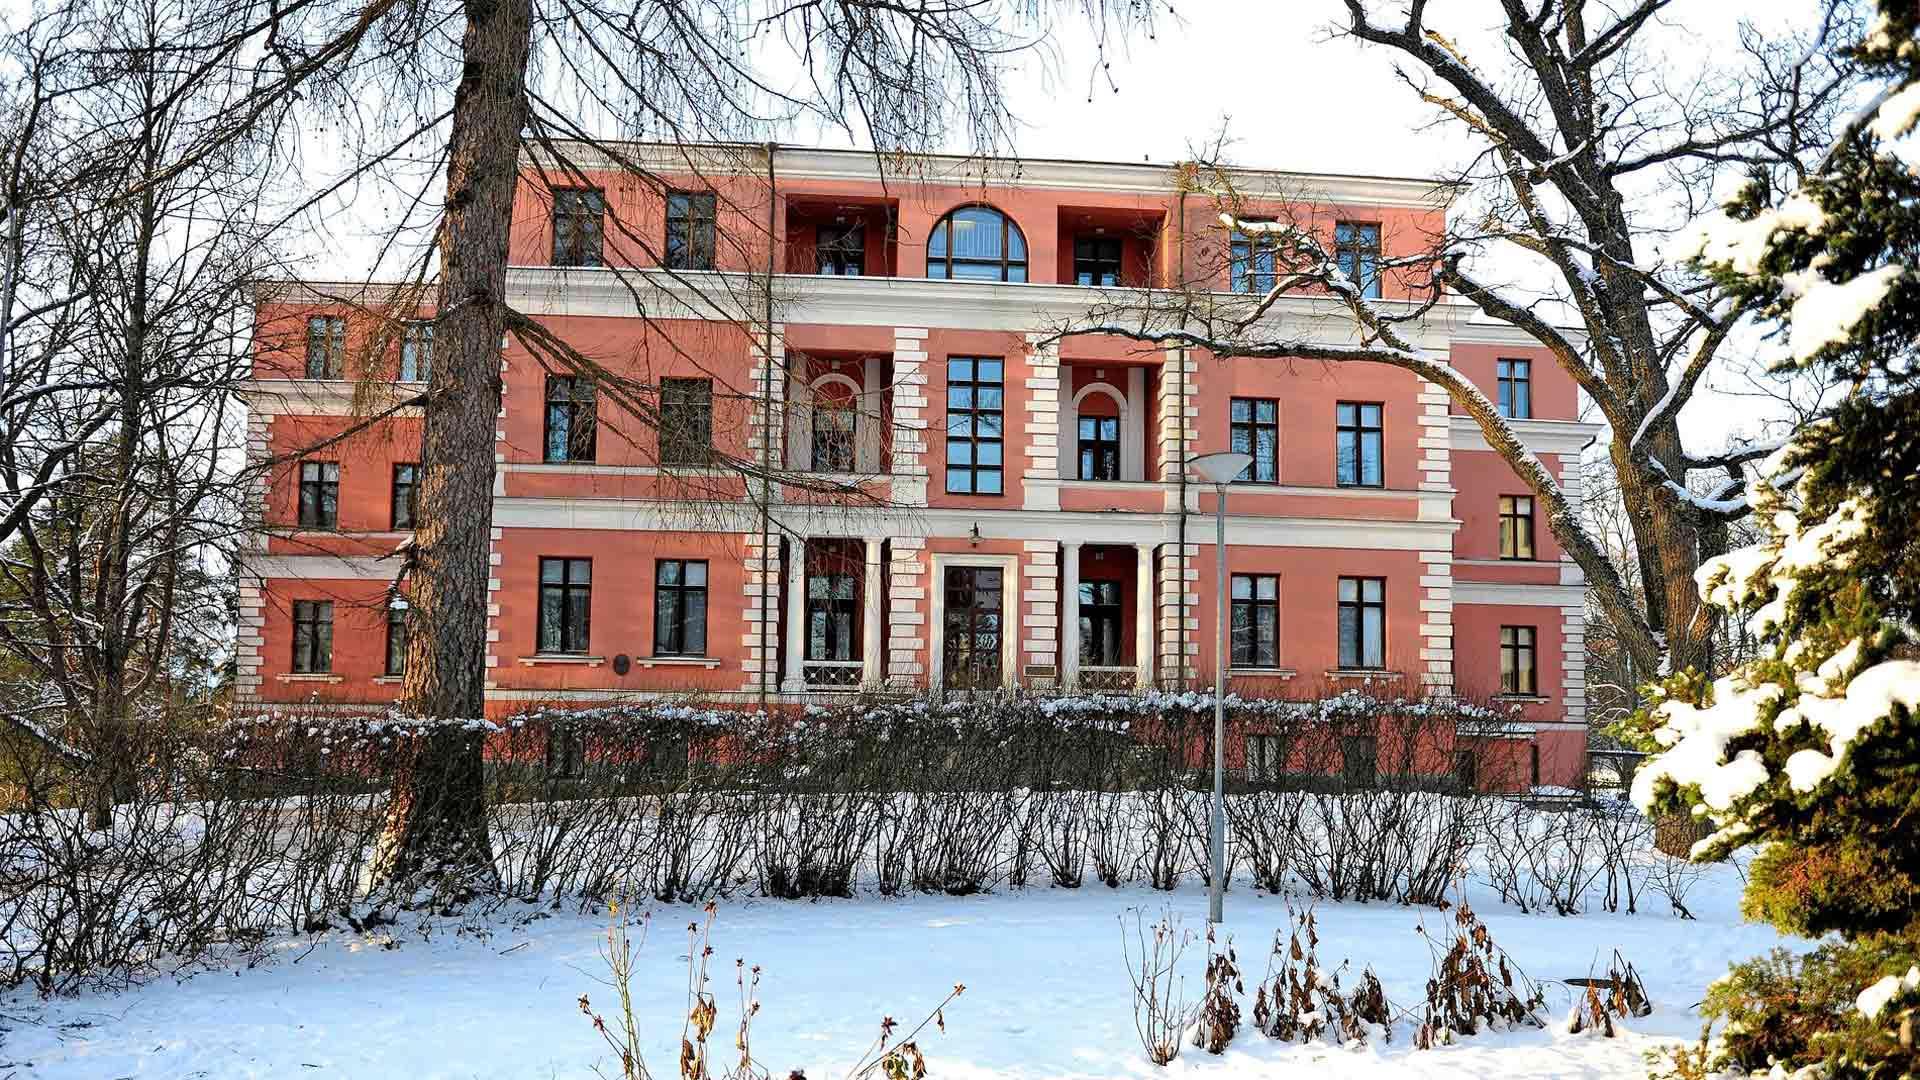 HUS omistaa sairaalan rakennukset ja maa-alueen. Husin hallitus päätti Kellokosken sairaalan lakkauttamisesta, kun laitos täytti sata vuotta vuonna 2015.